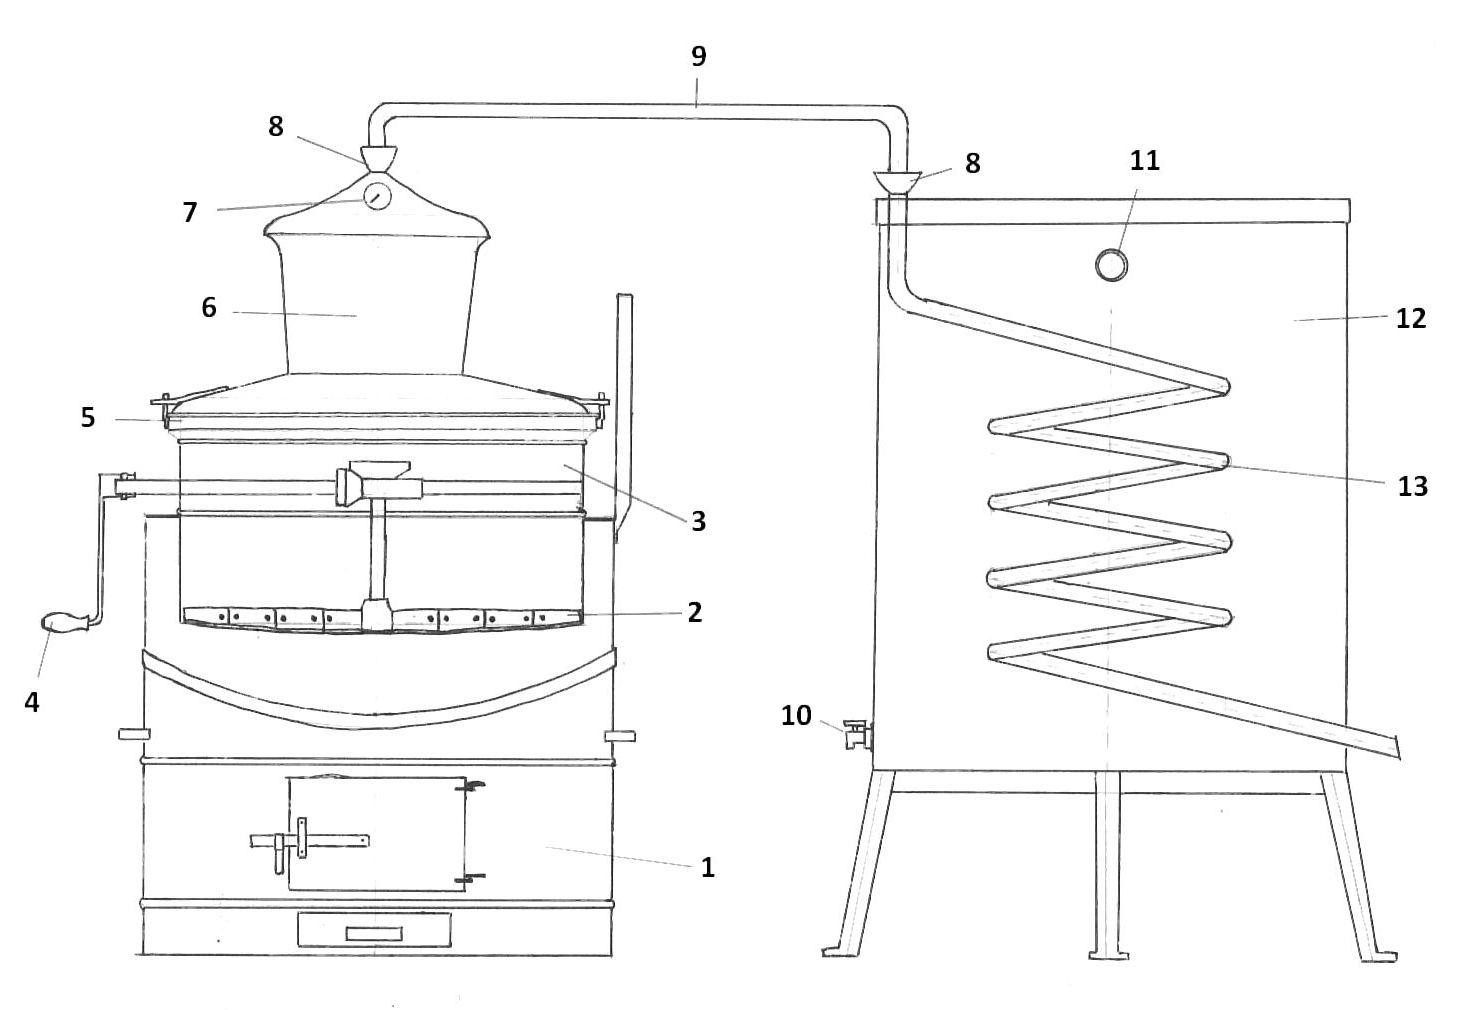 Professionele distileerketel stookketel technische tekening